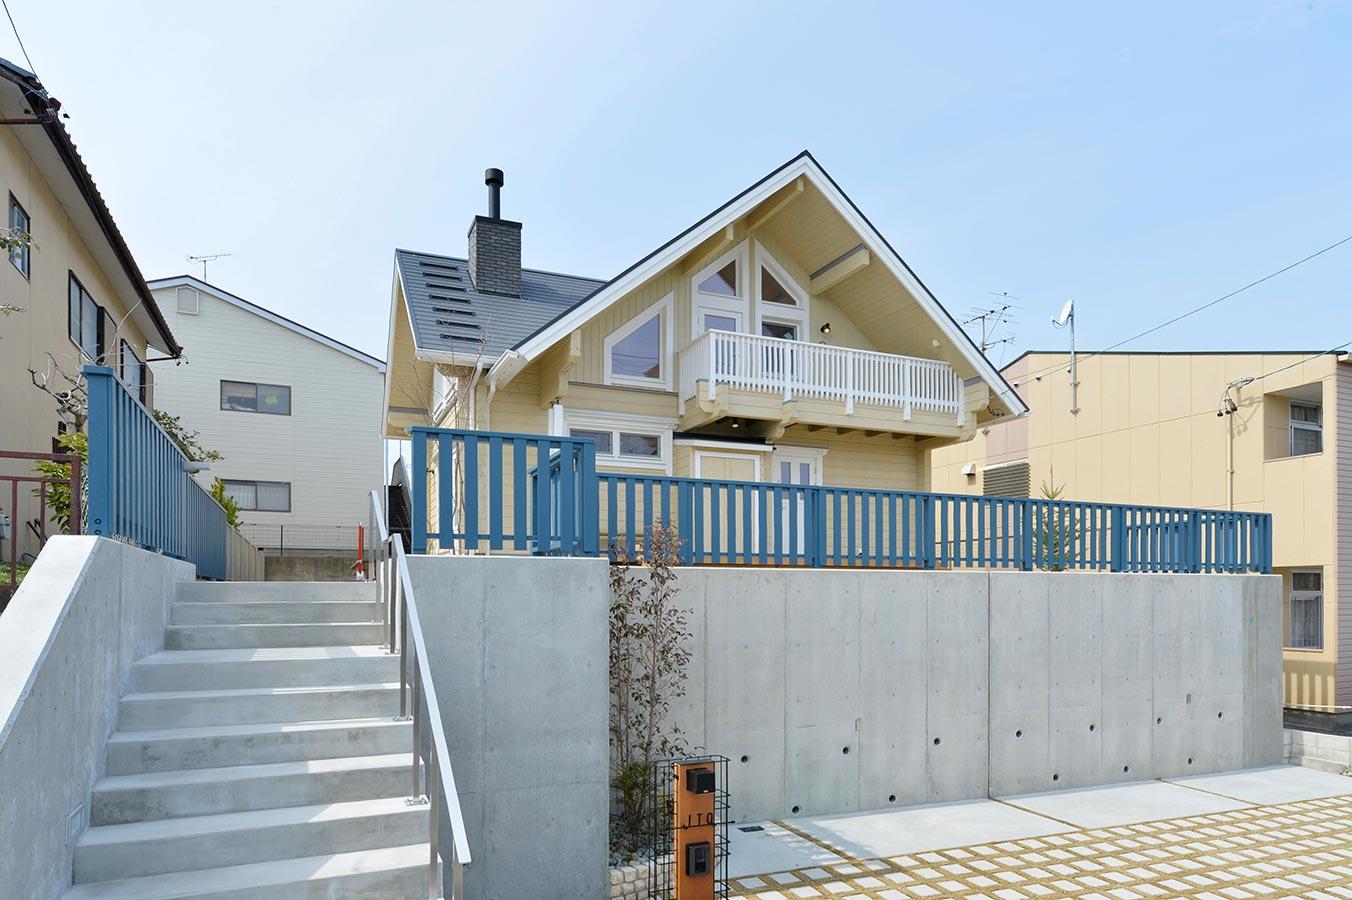 鮮やかに映えるブルーの柵の奥に、目を引く大屋根のログハウス